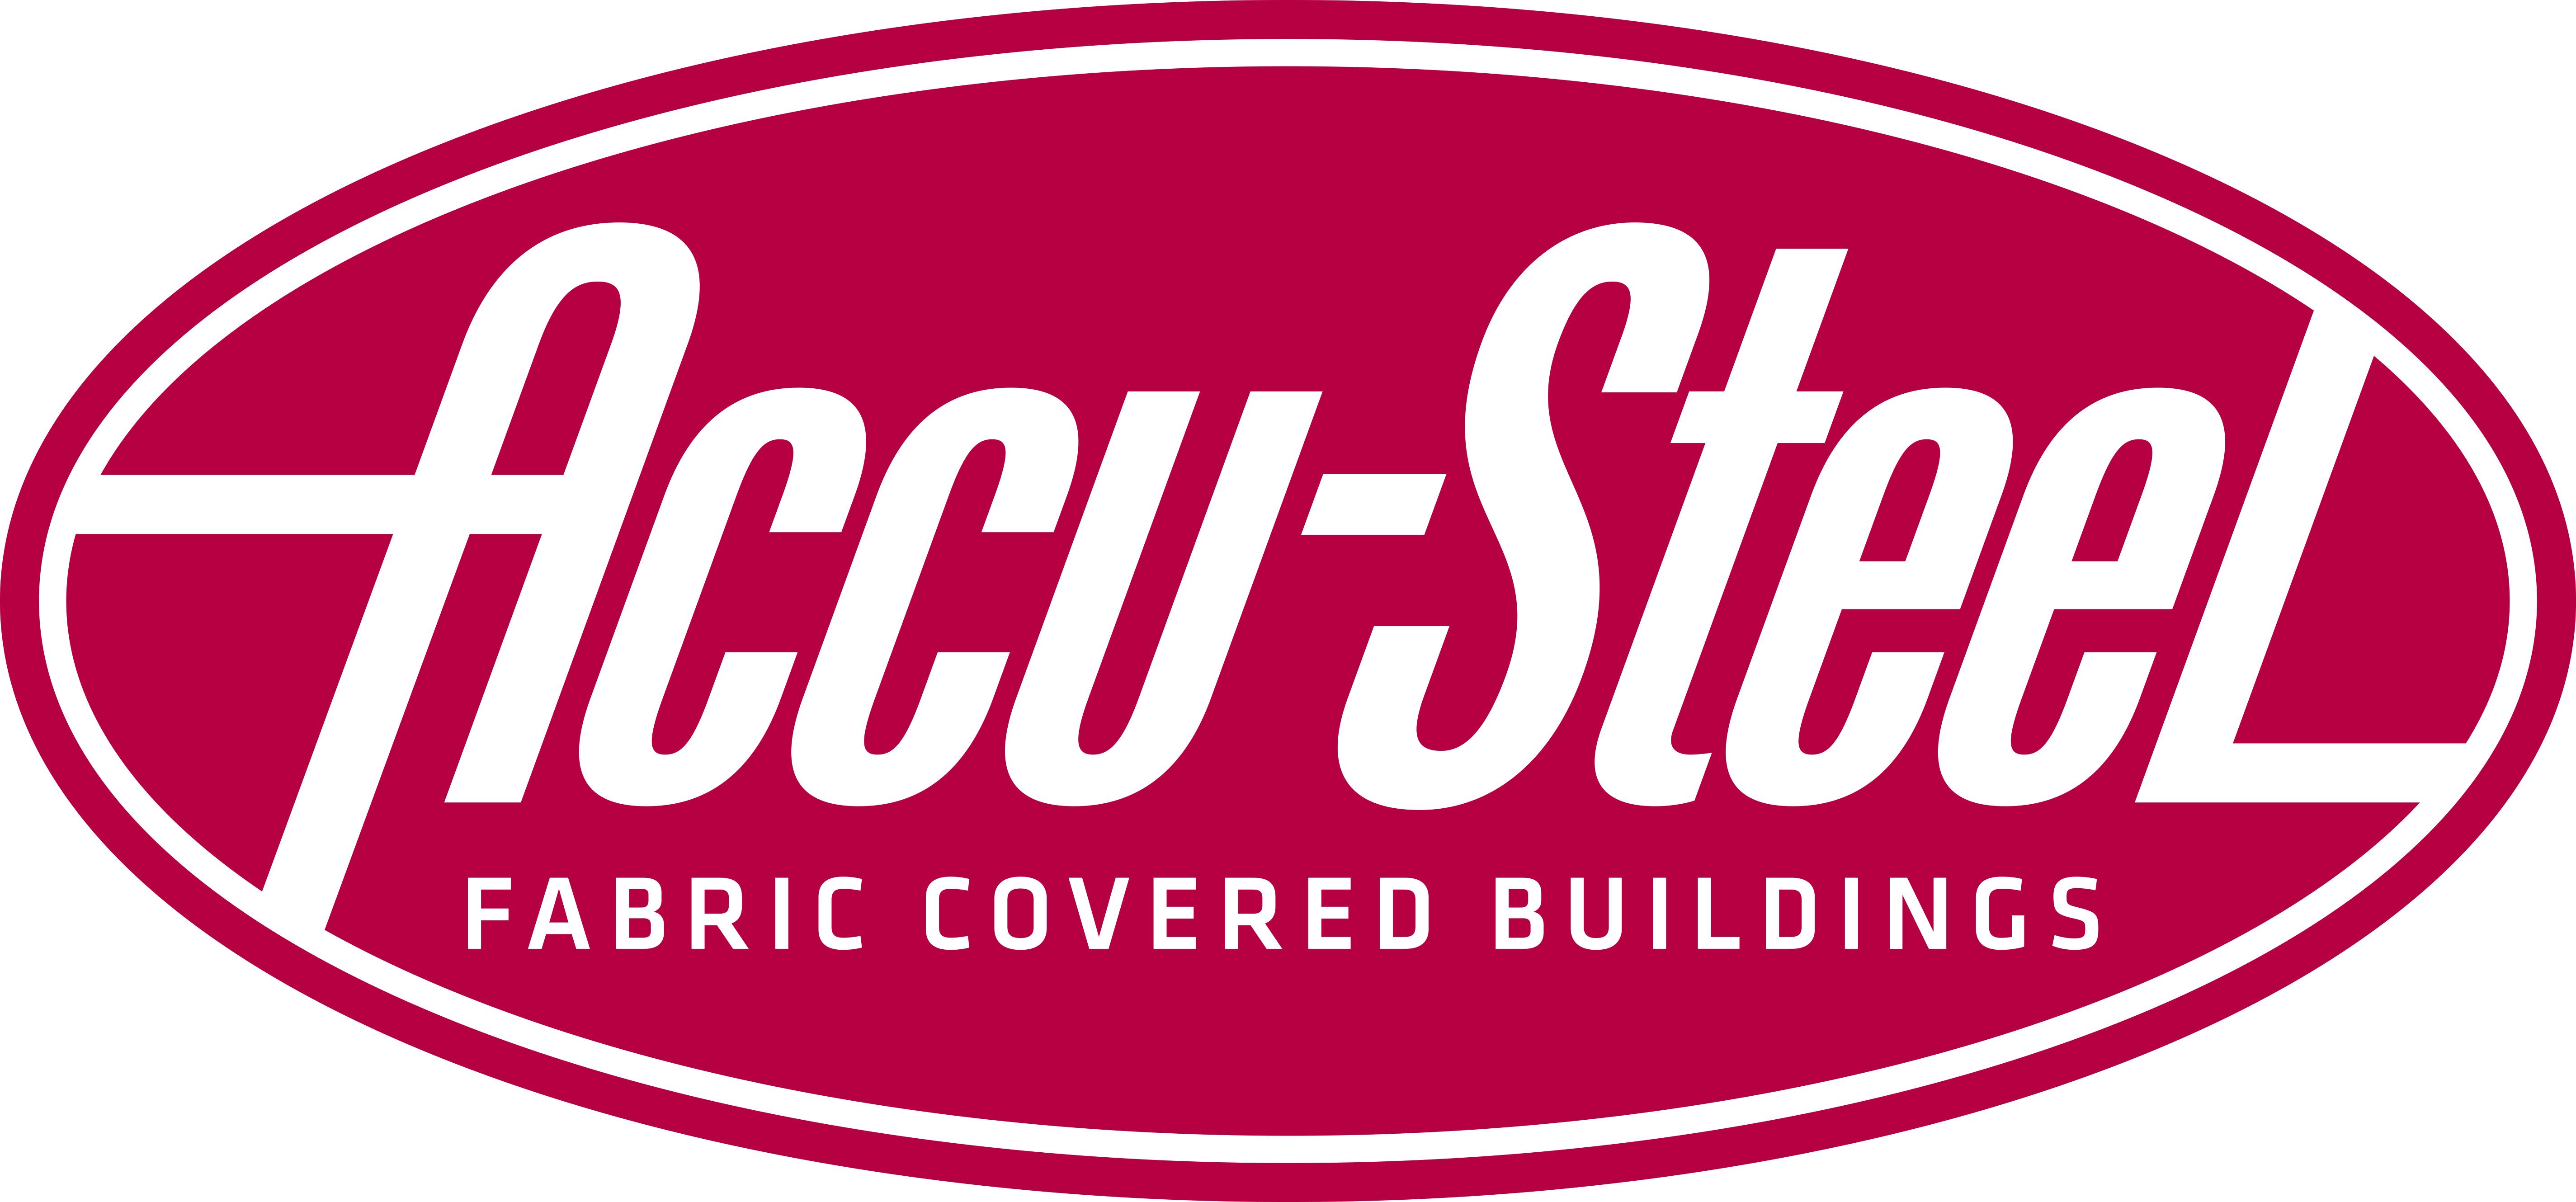 Accu-Steel